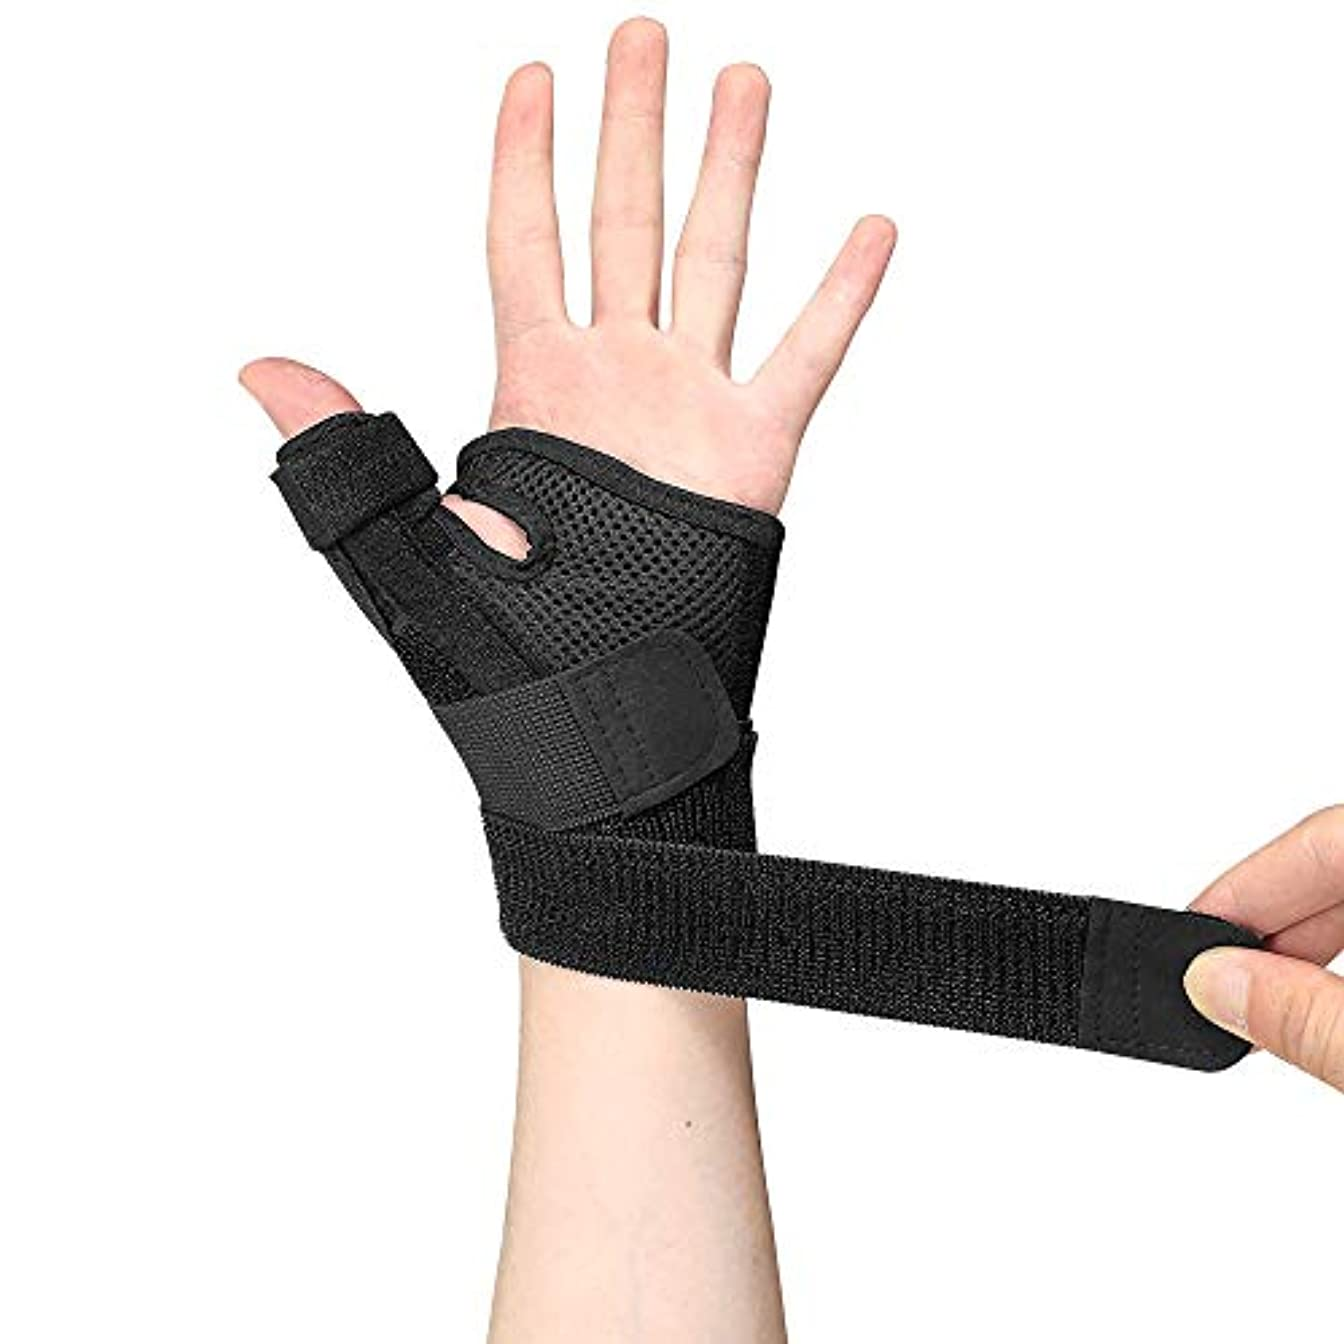 親指スプリント-痛み、捻rain、筋緊張、関節炎、手根管、トリガー用の親指サポートブレース-リストストラップ